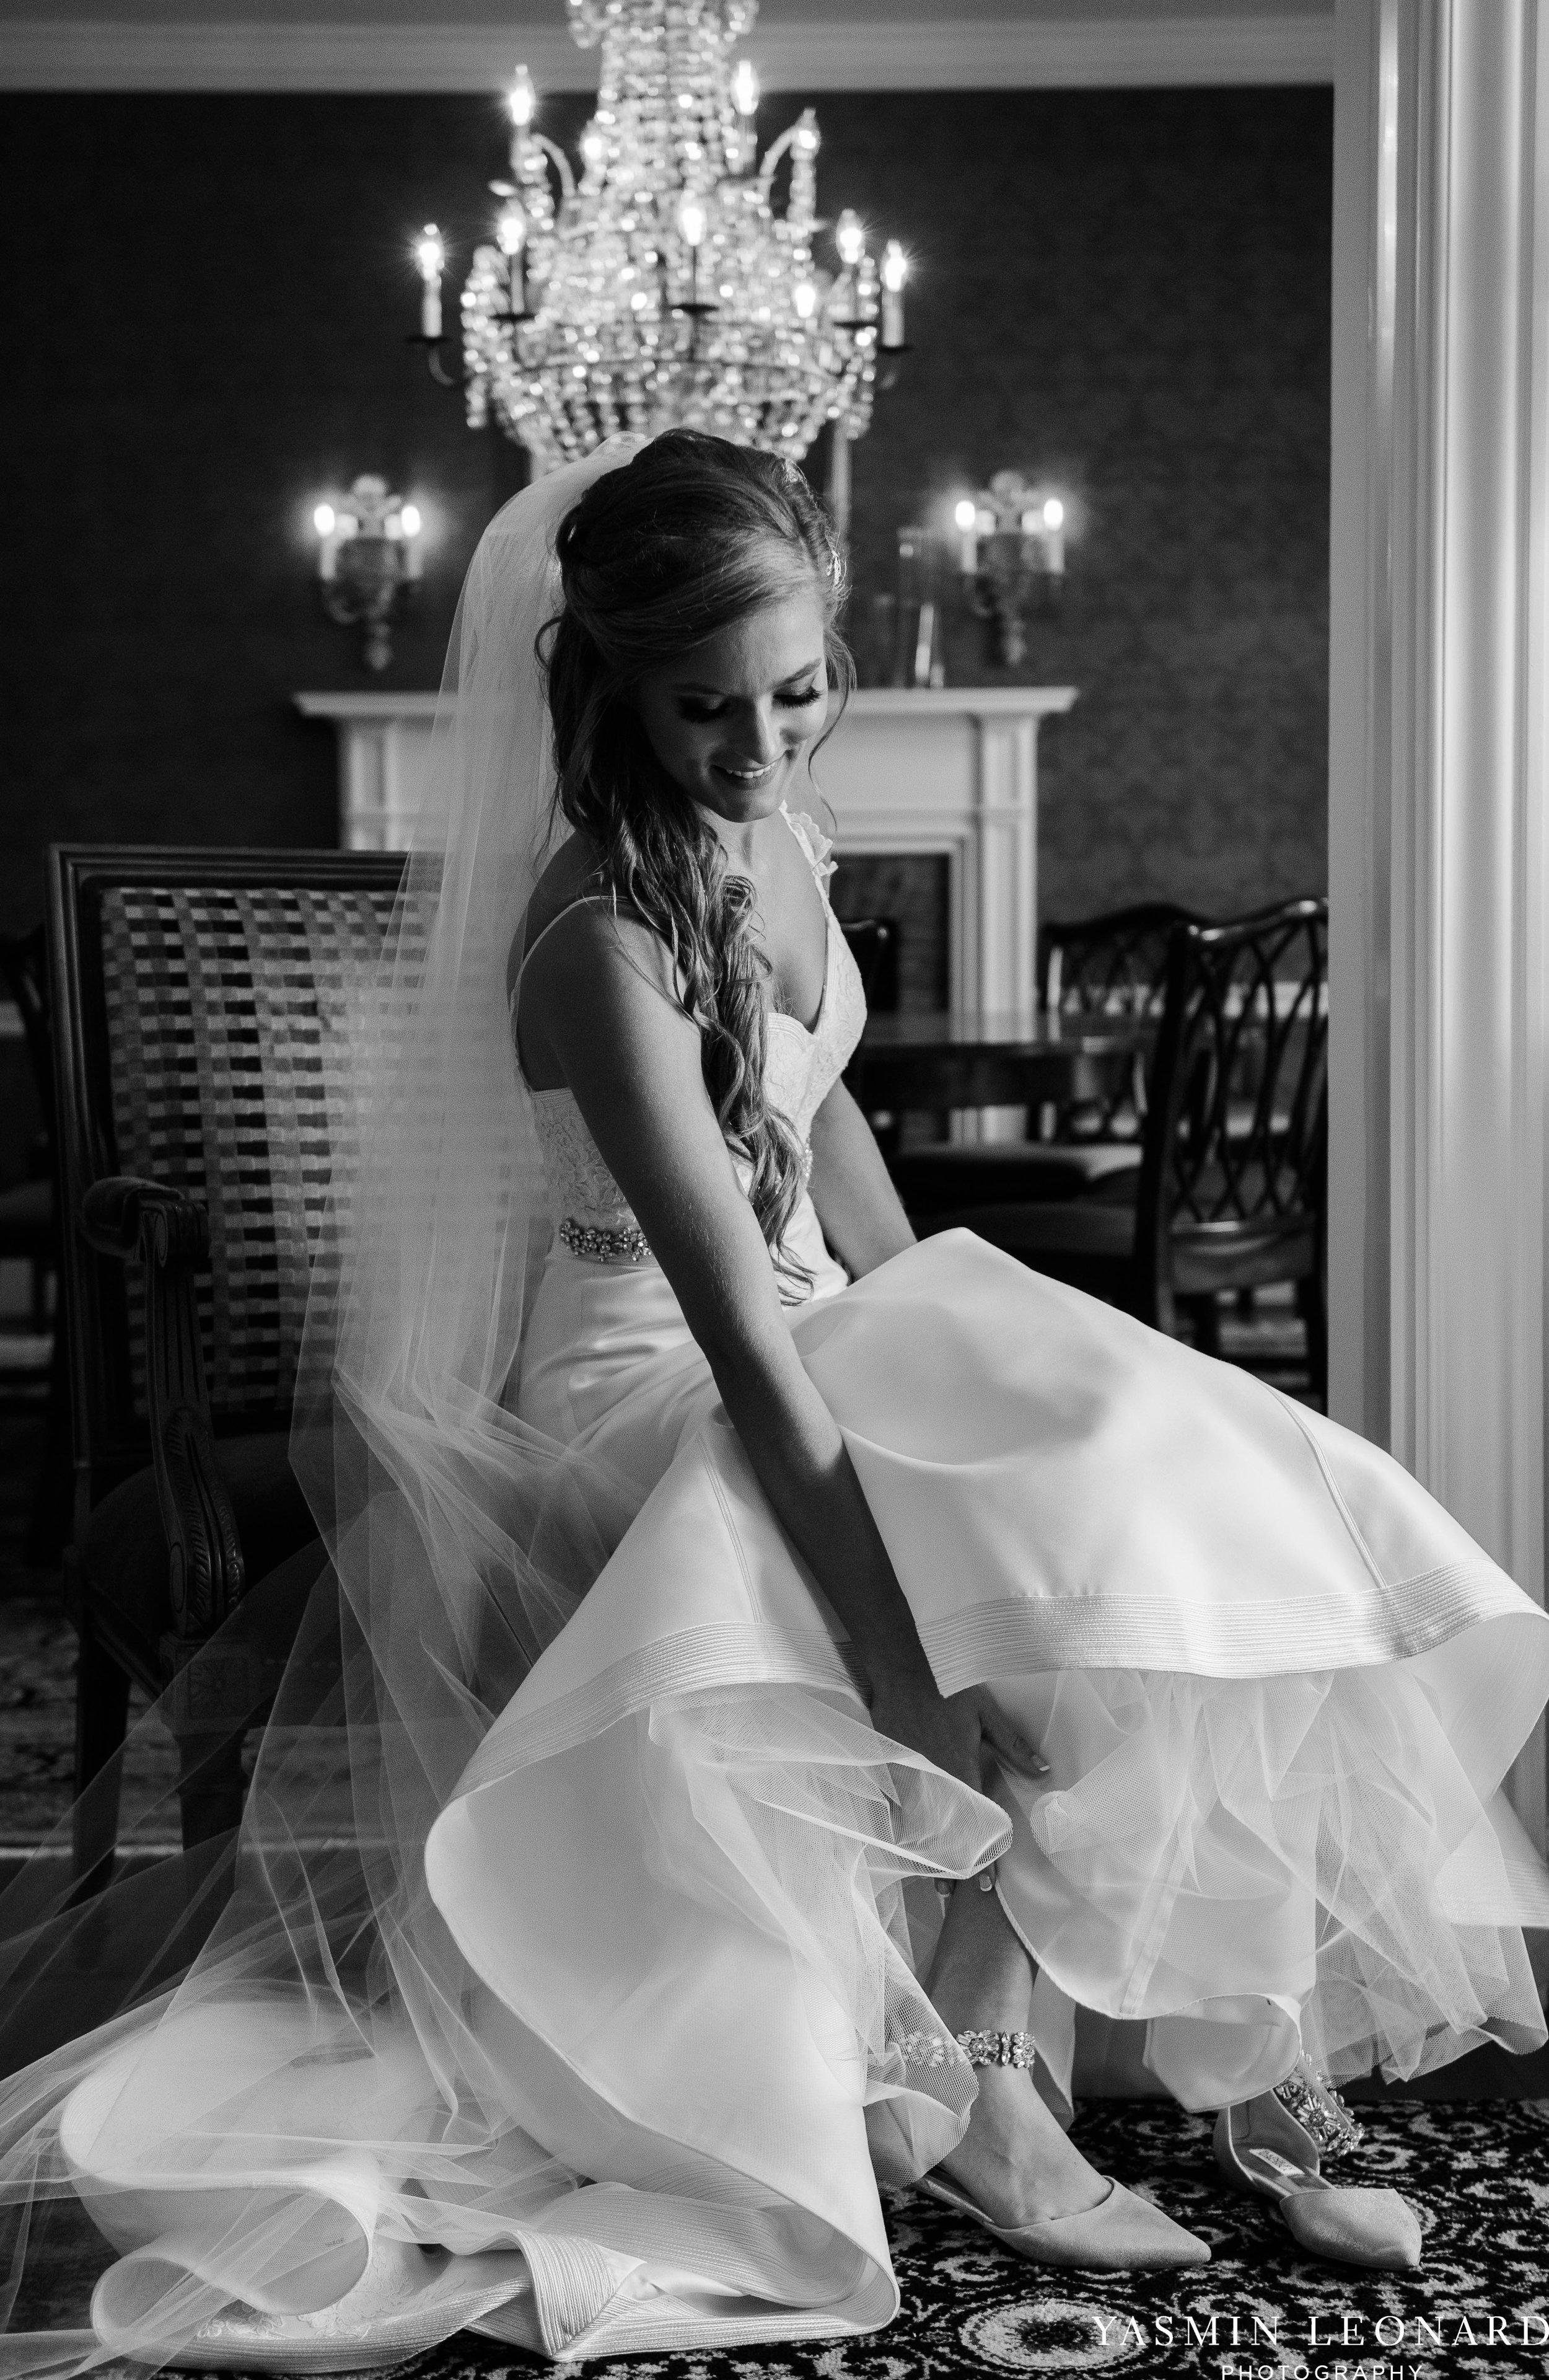 Boxwood Estate - Boxwood Estate Wedding - Luxury Wedding - Black and White Wedding - NC Wedding Venues - NC Weddings - NC Photographer - Lantern Release Grand Exit - Large Wedding Party - Yasmin Leonard Photography-6.jpg